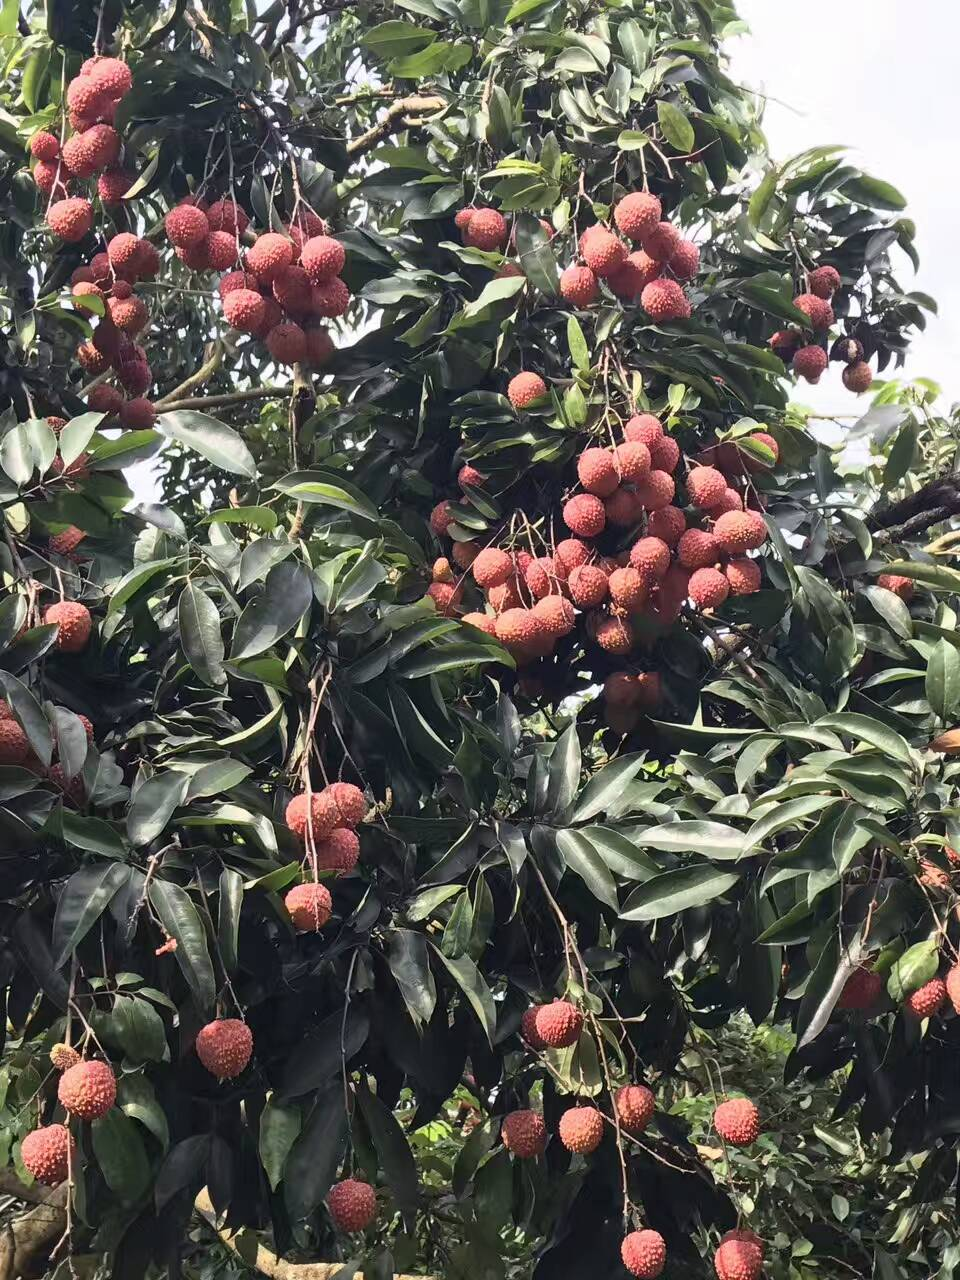 罗浮山荔枝  罗浮山一日游  荔枝成熟 的季节